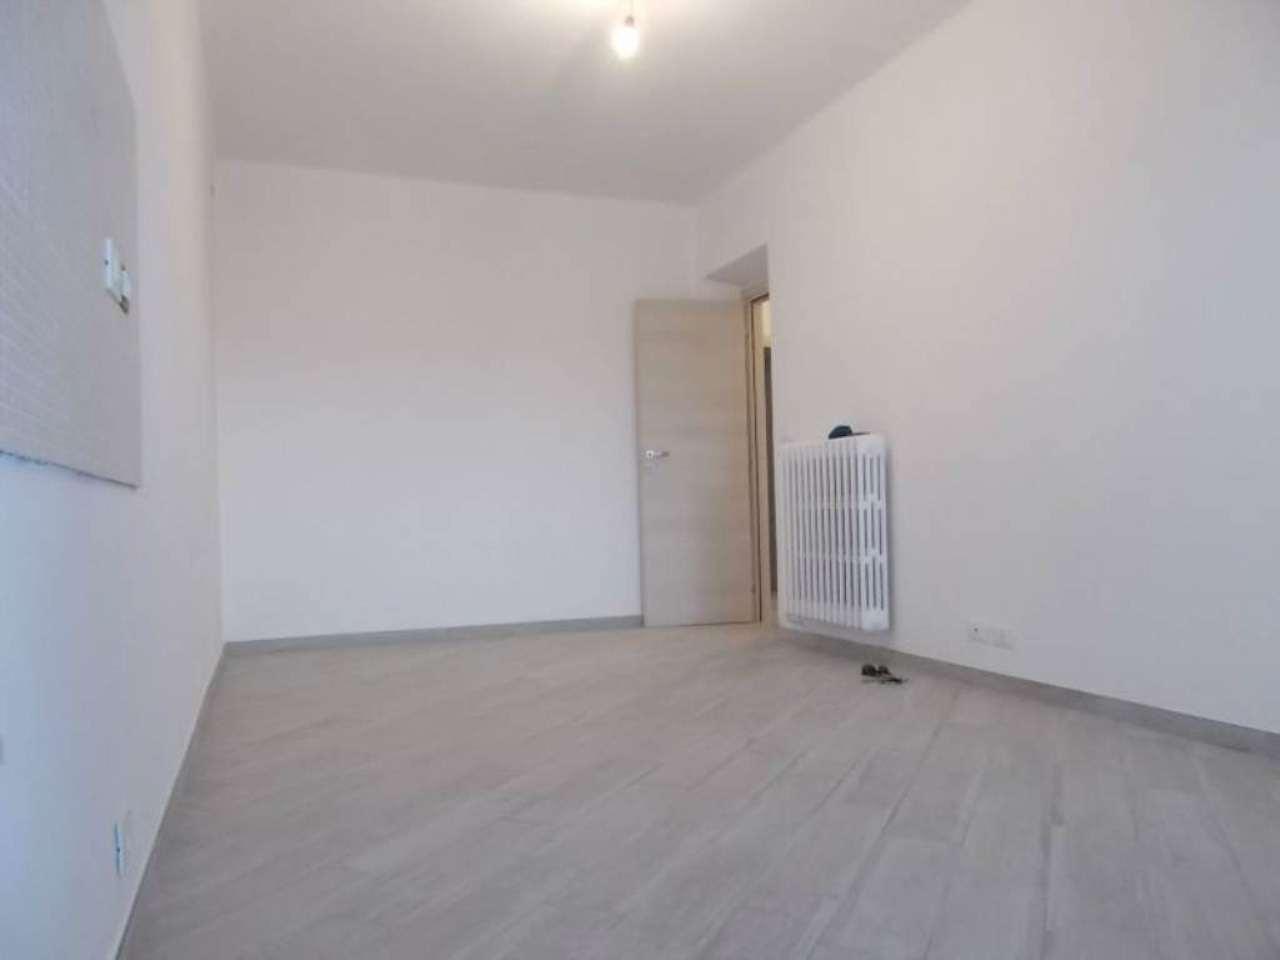 Appartamento in vendita a Moncalieri, 4 locali, prezzo € 145.000 | Cambio Casa.it